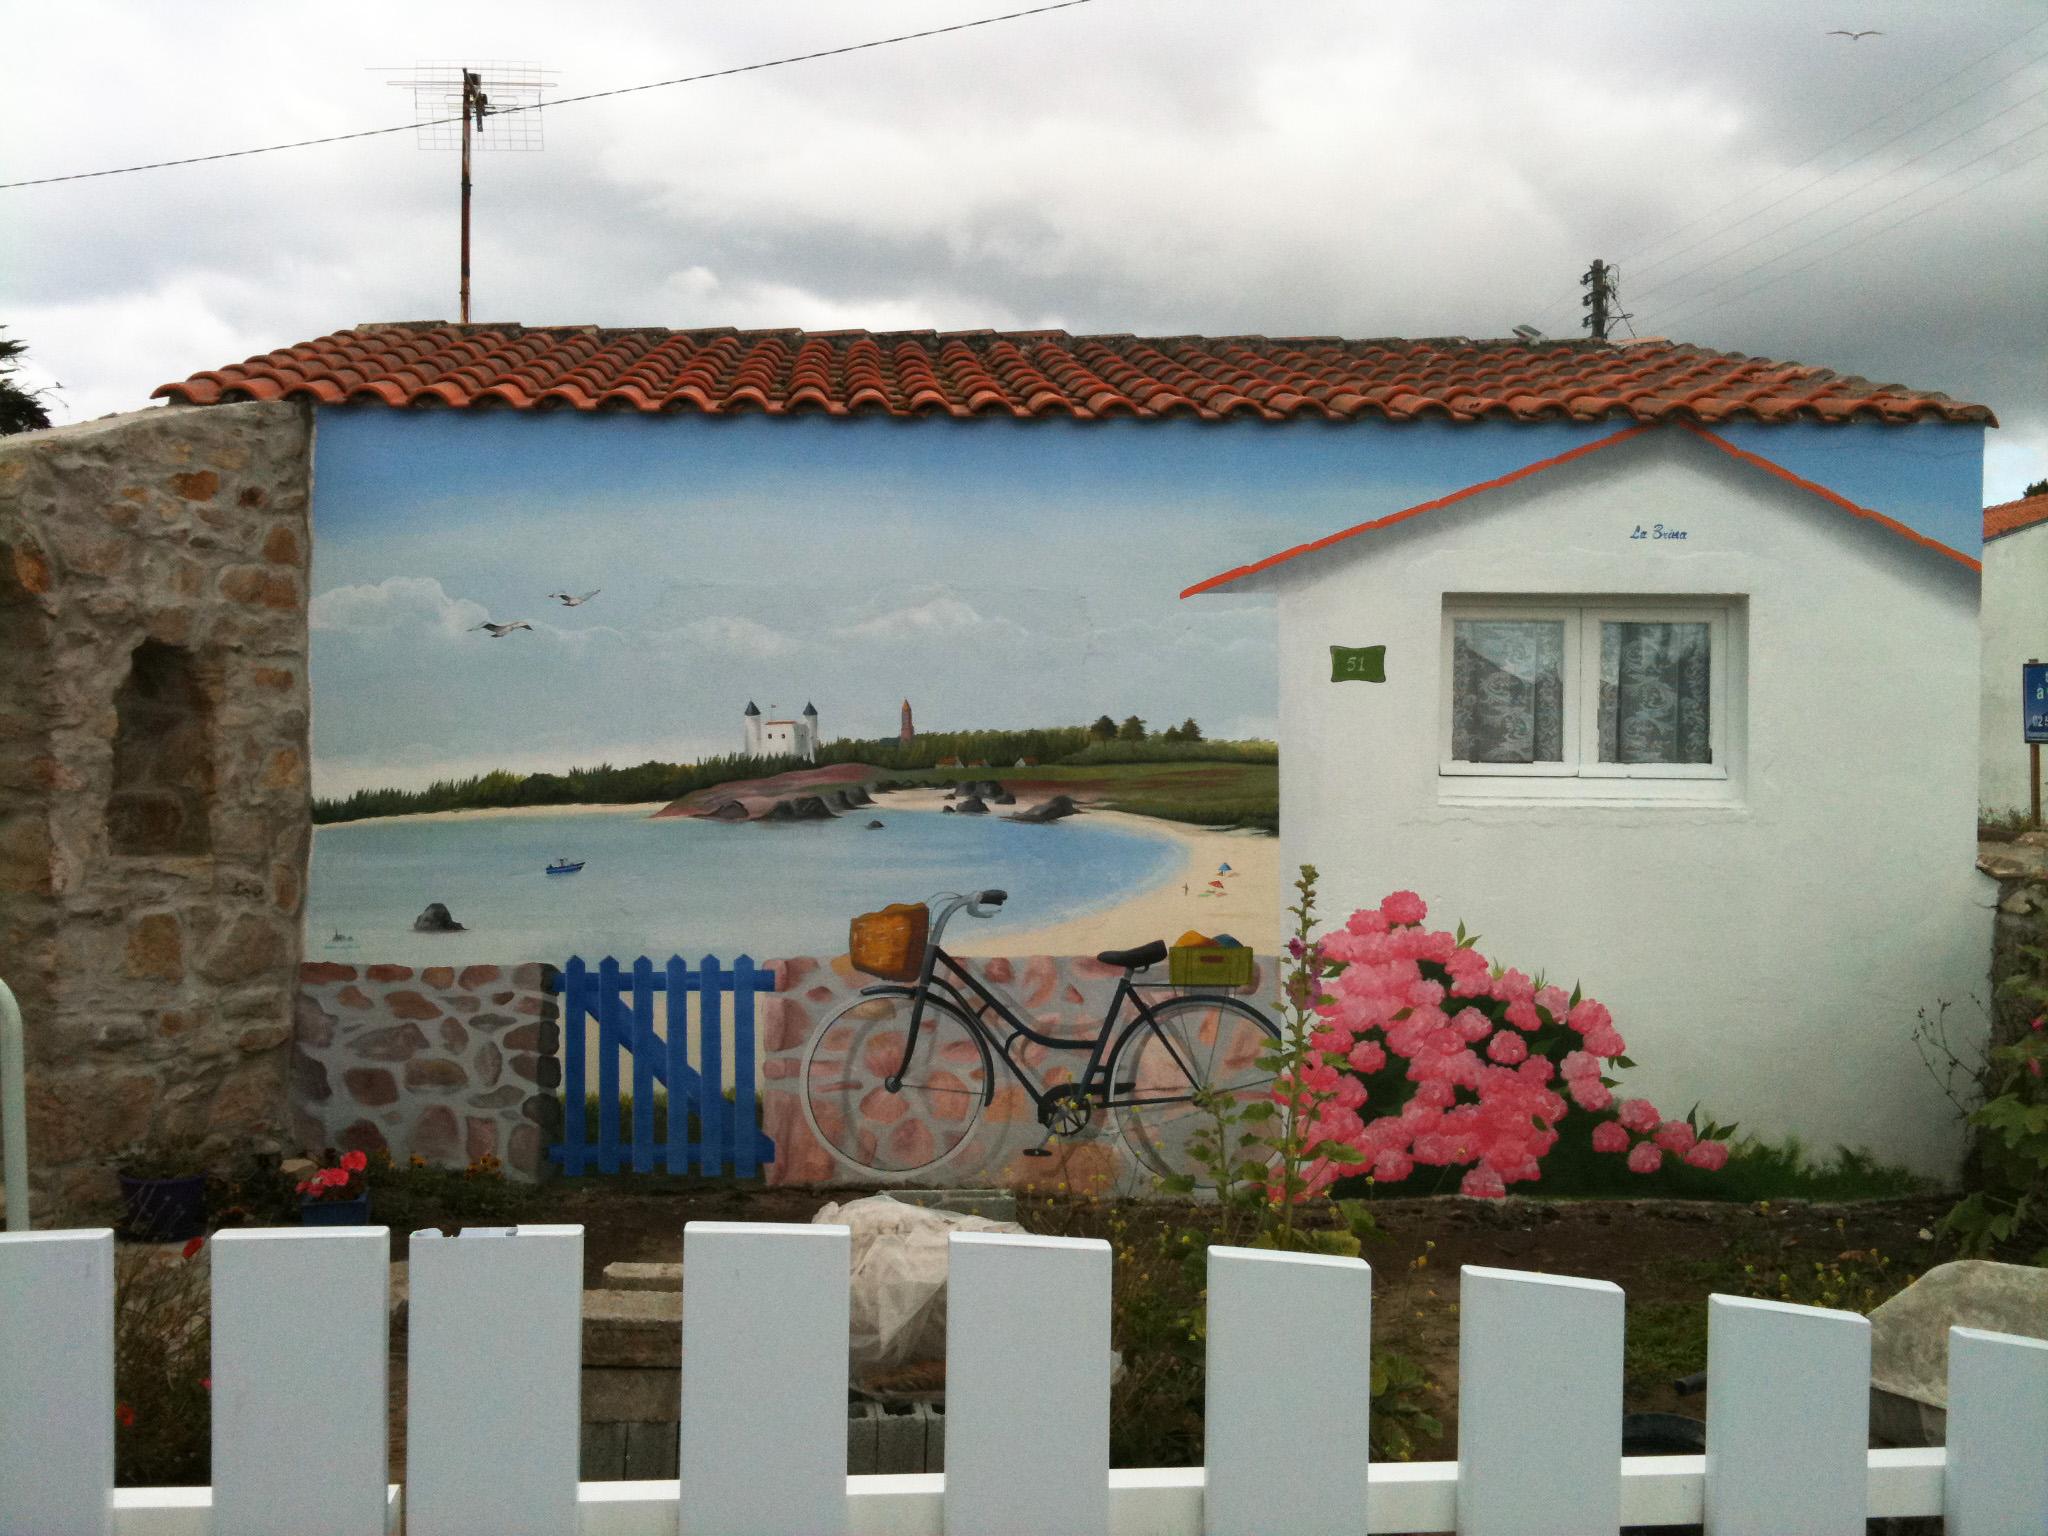 Peindre Une Fresque Sur Un Mur décor trompe oeil , peinture en trompe oeil , decor trompe l